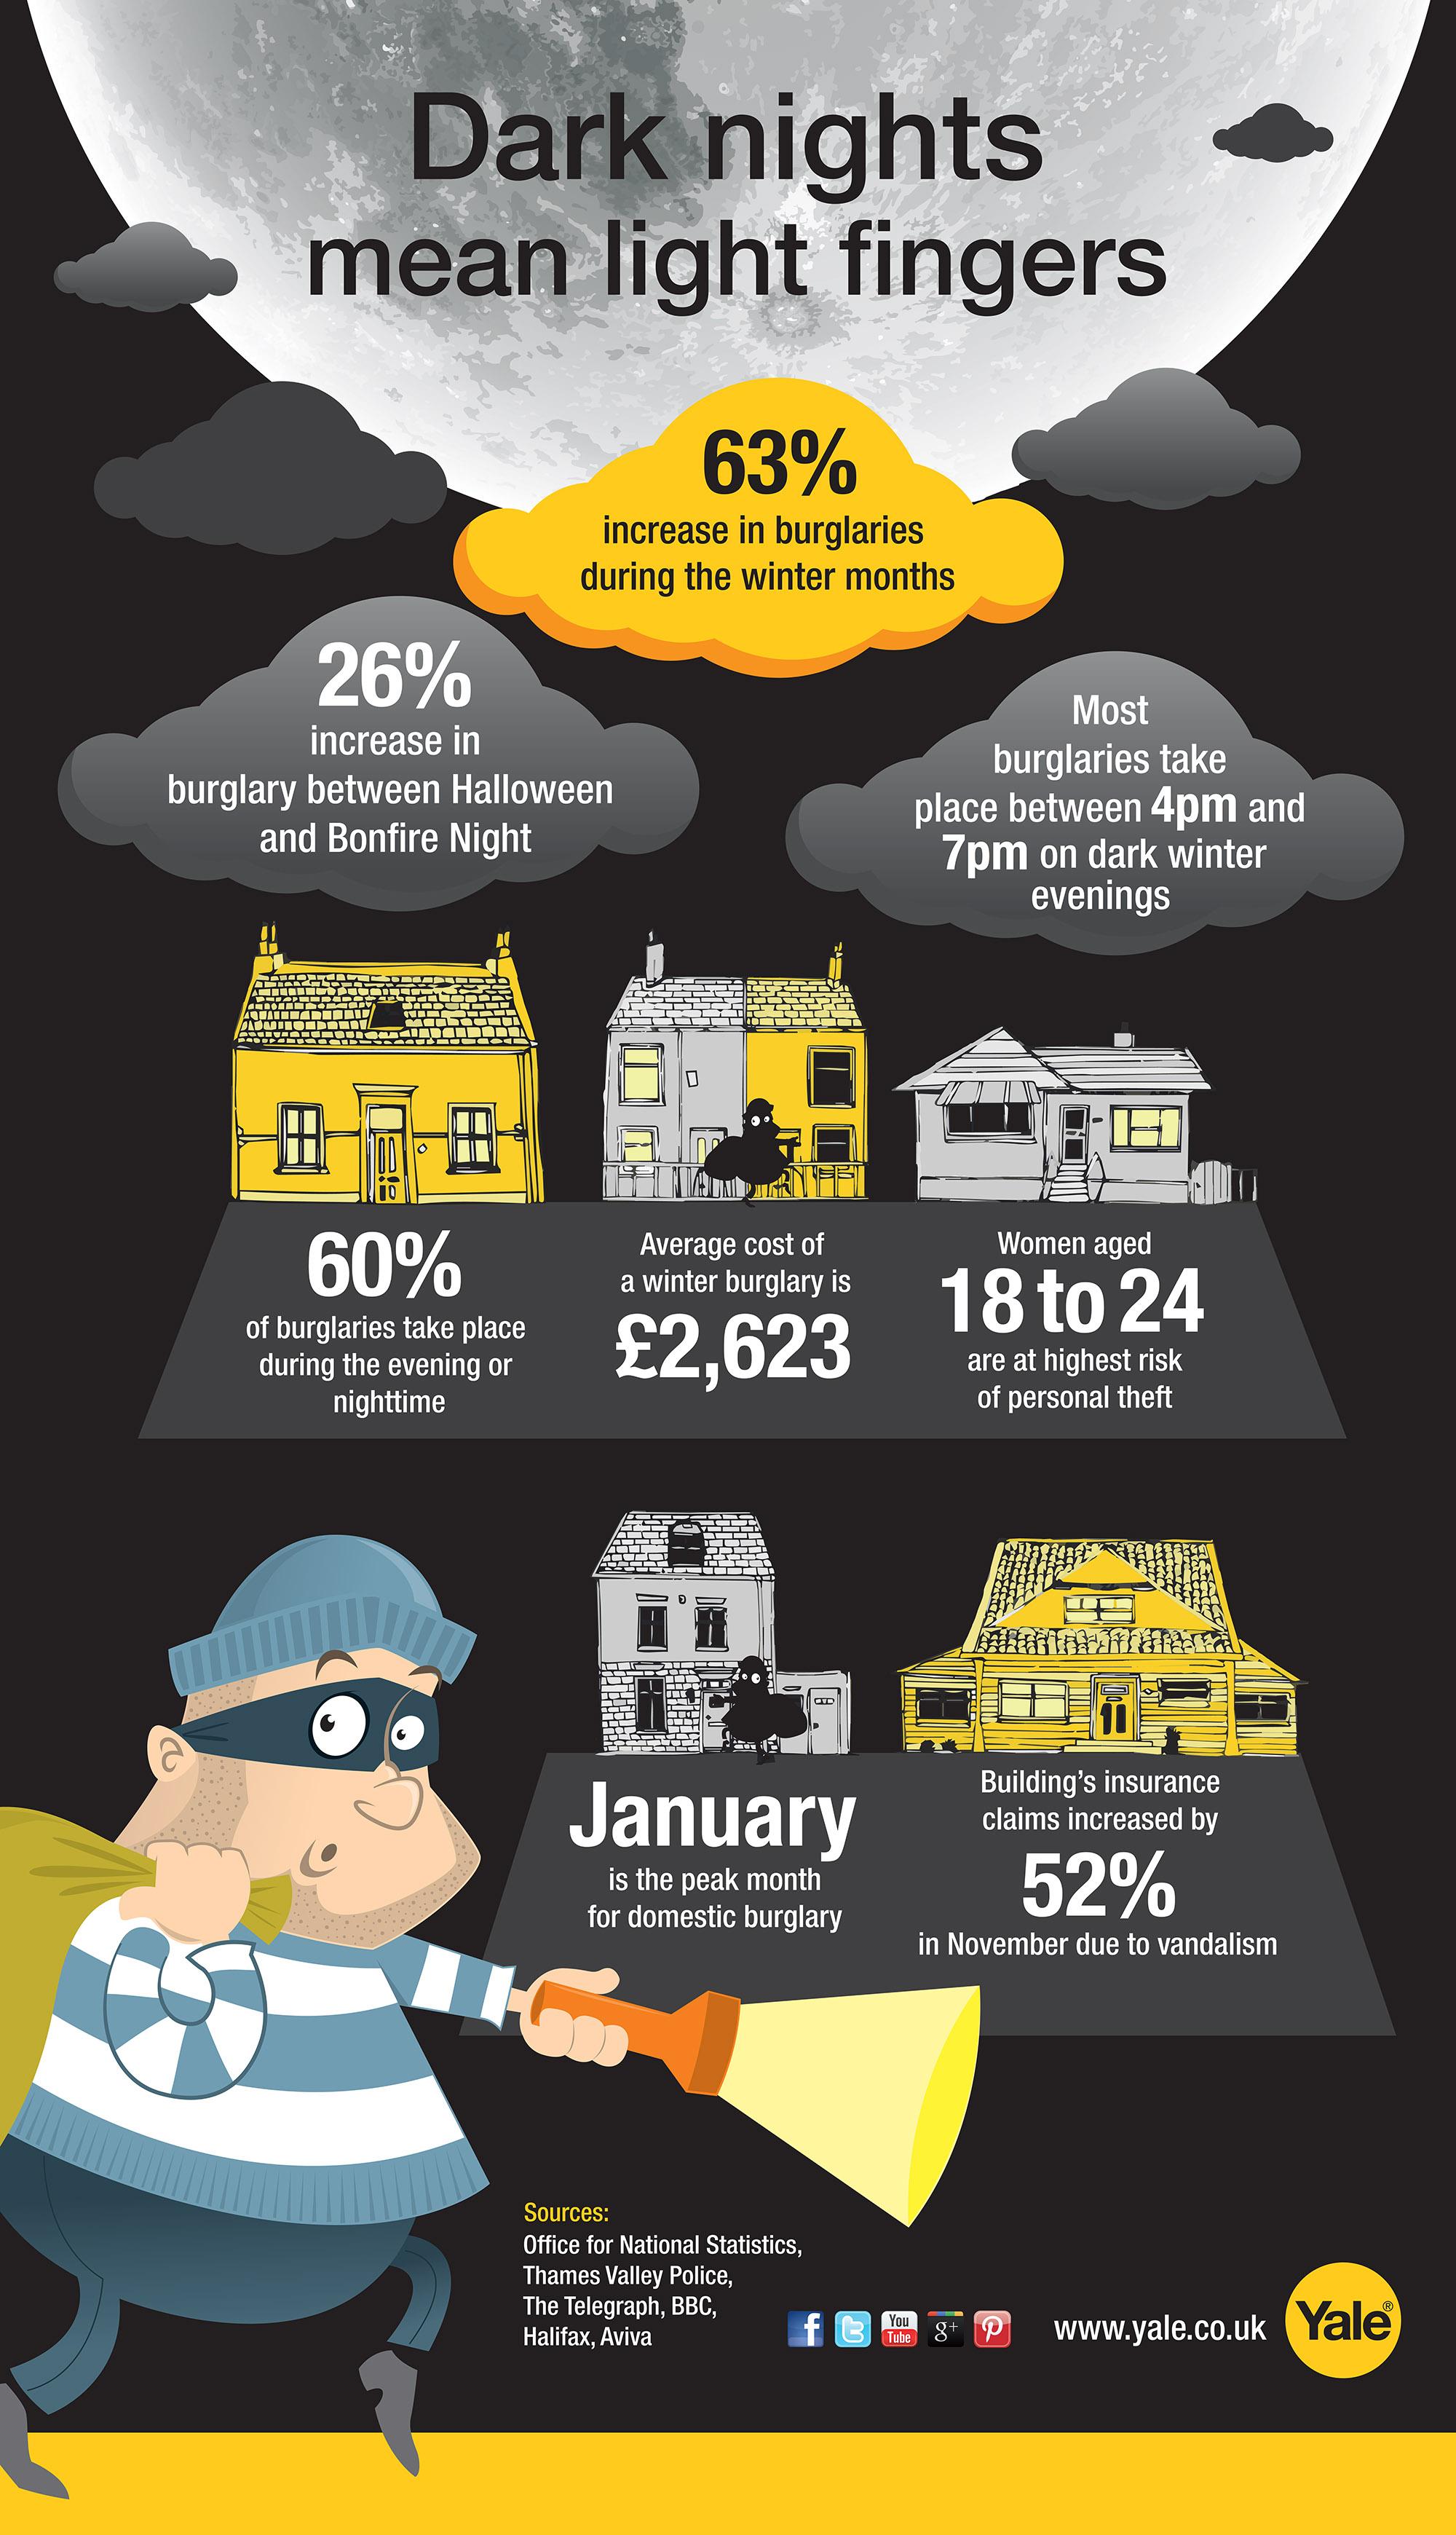 Dark nights mean increased burglaries